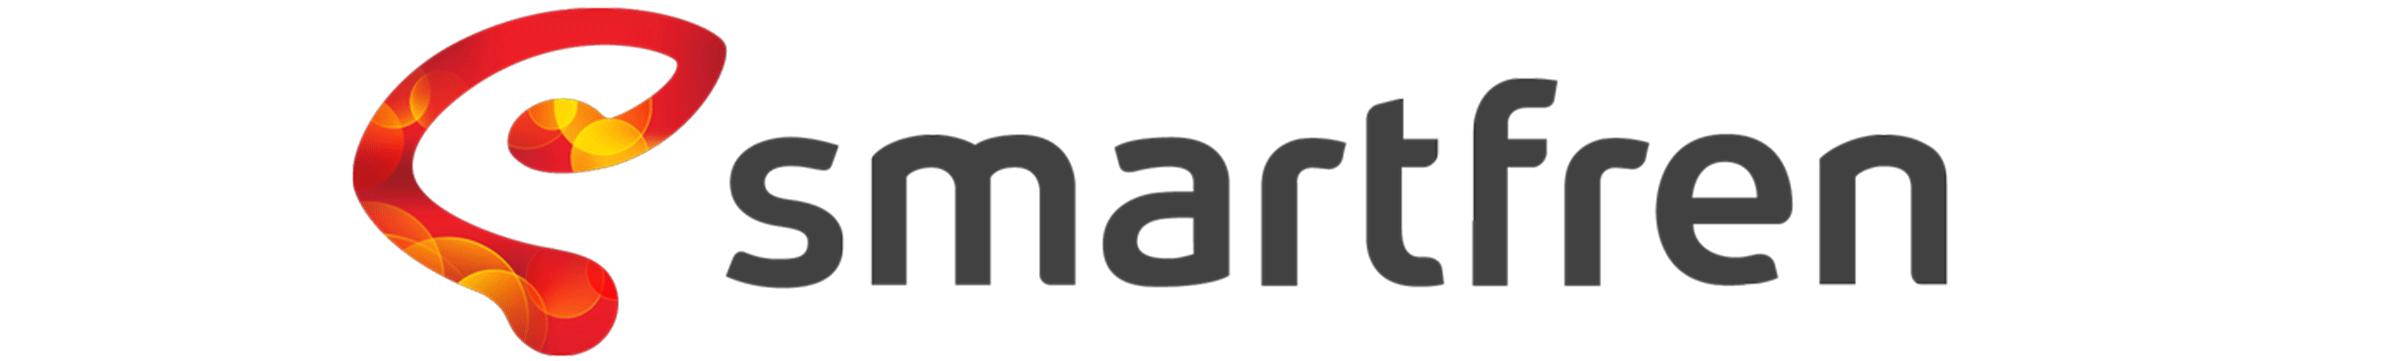 smartfren-logo